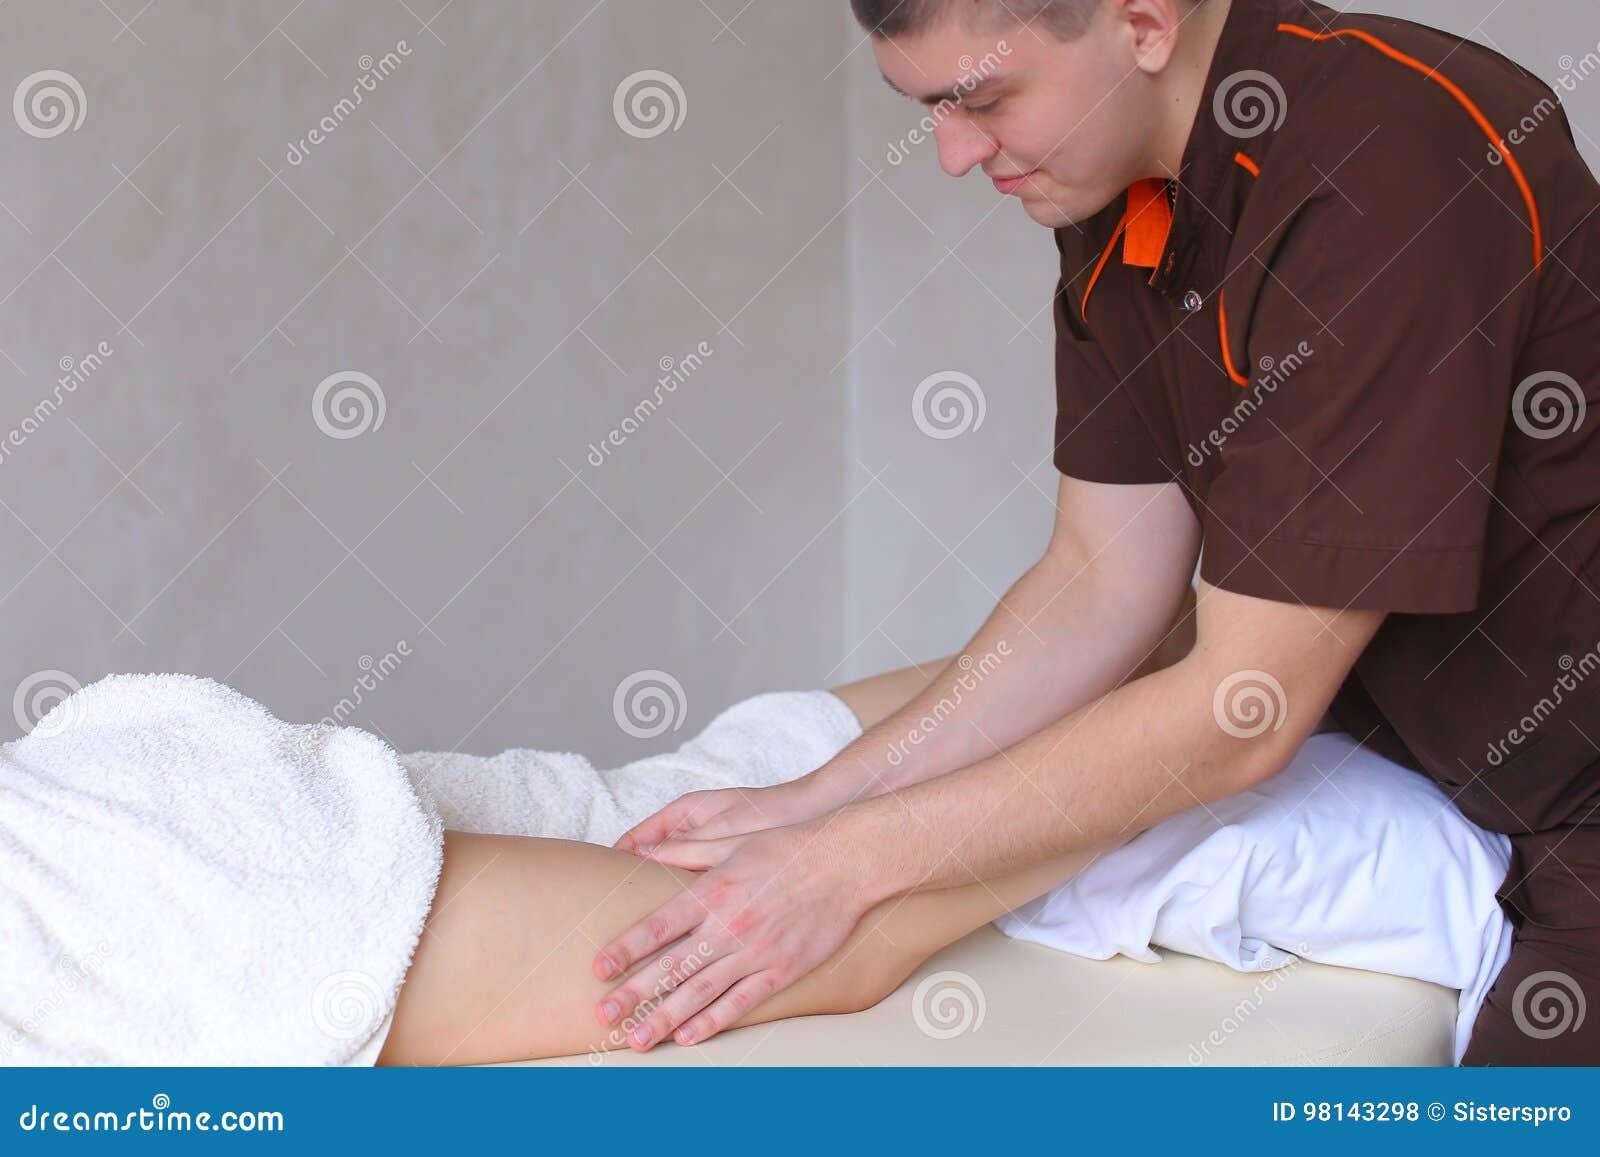 massage anti cellulite bruxelles